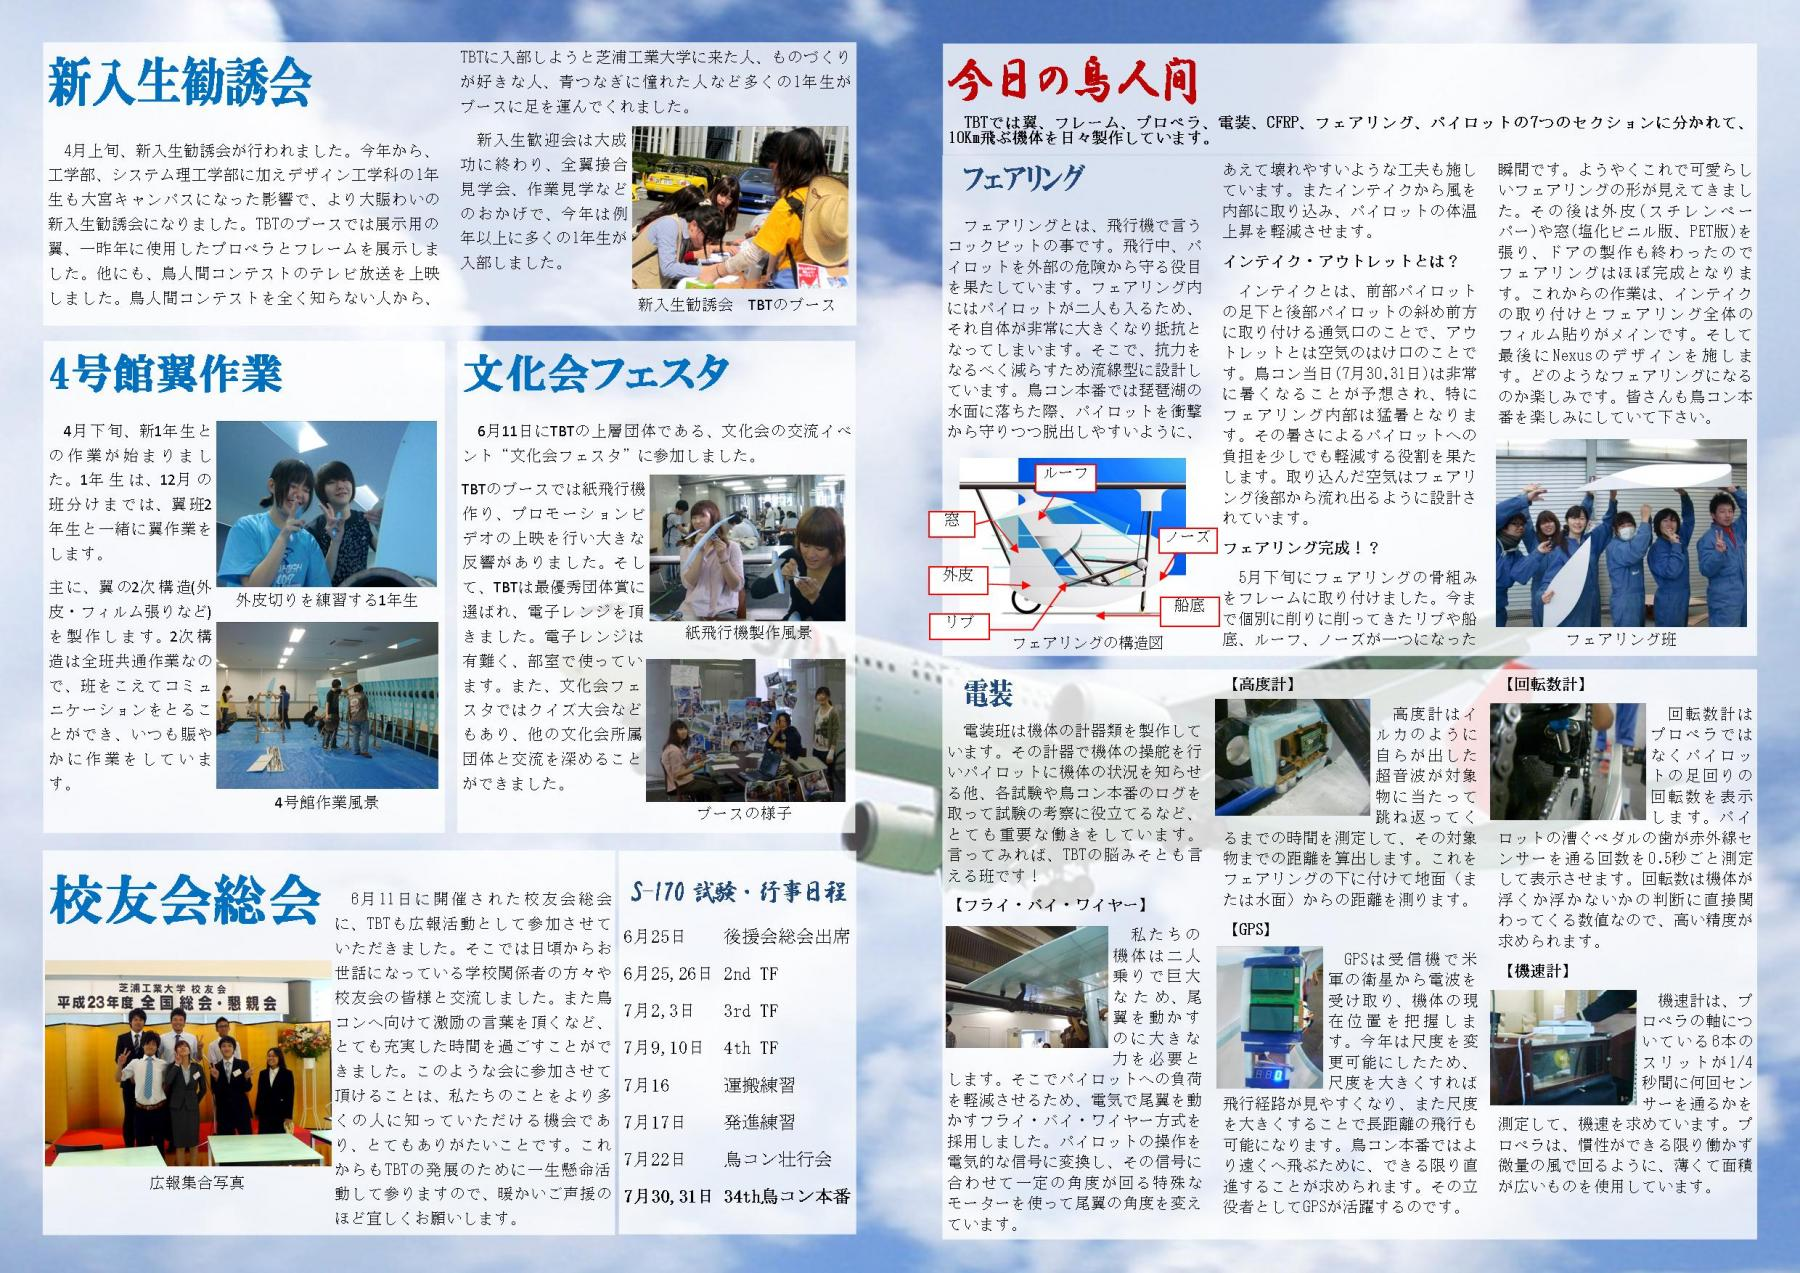 広報誌4-5_convert_20110628175645